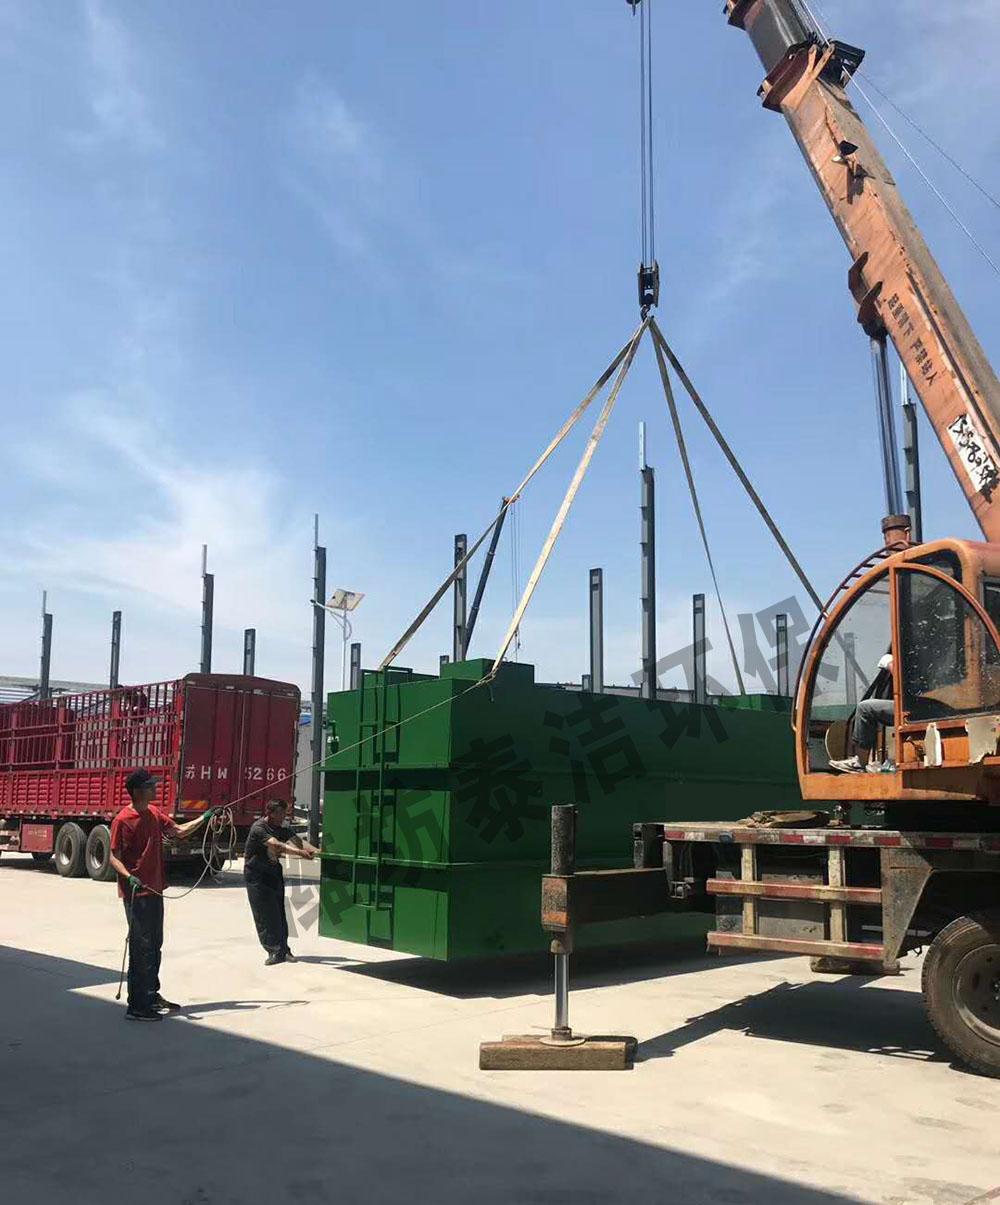 噴漆廠廢水處理,廢水日處理量10噸/天